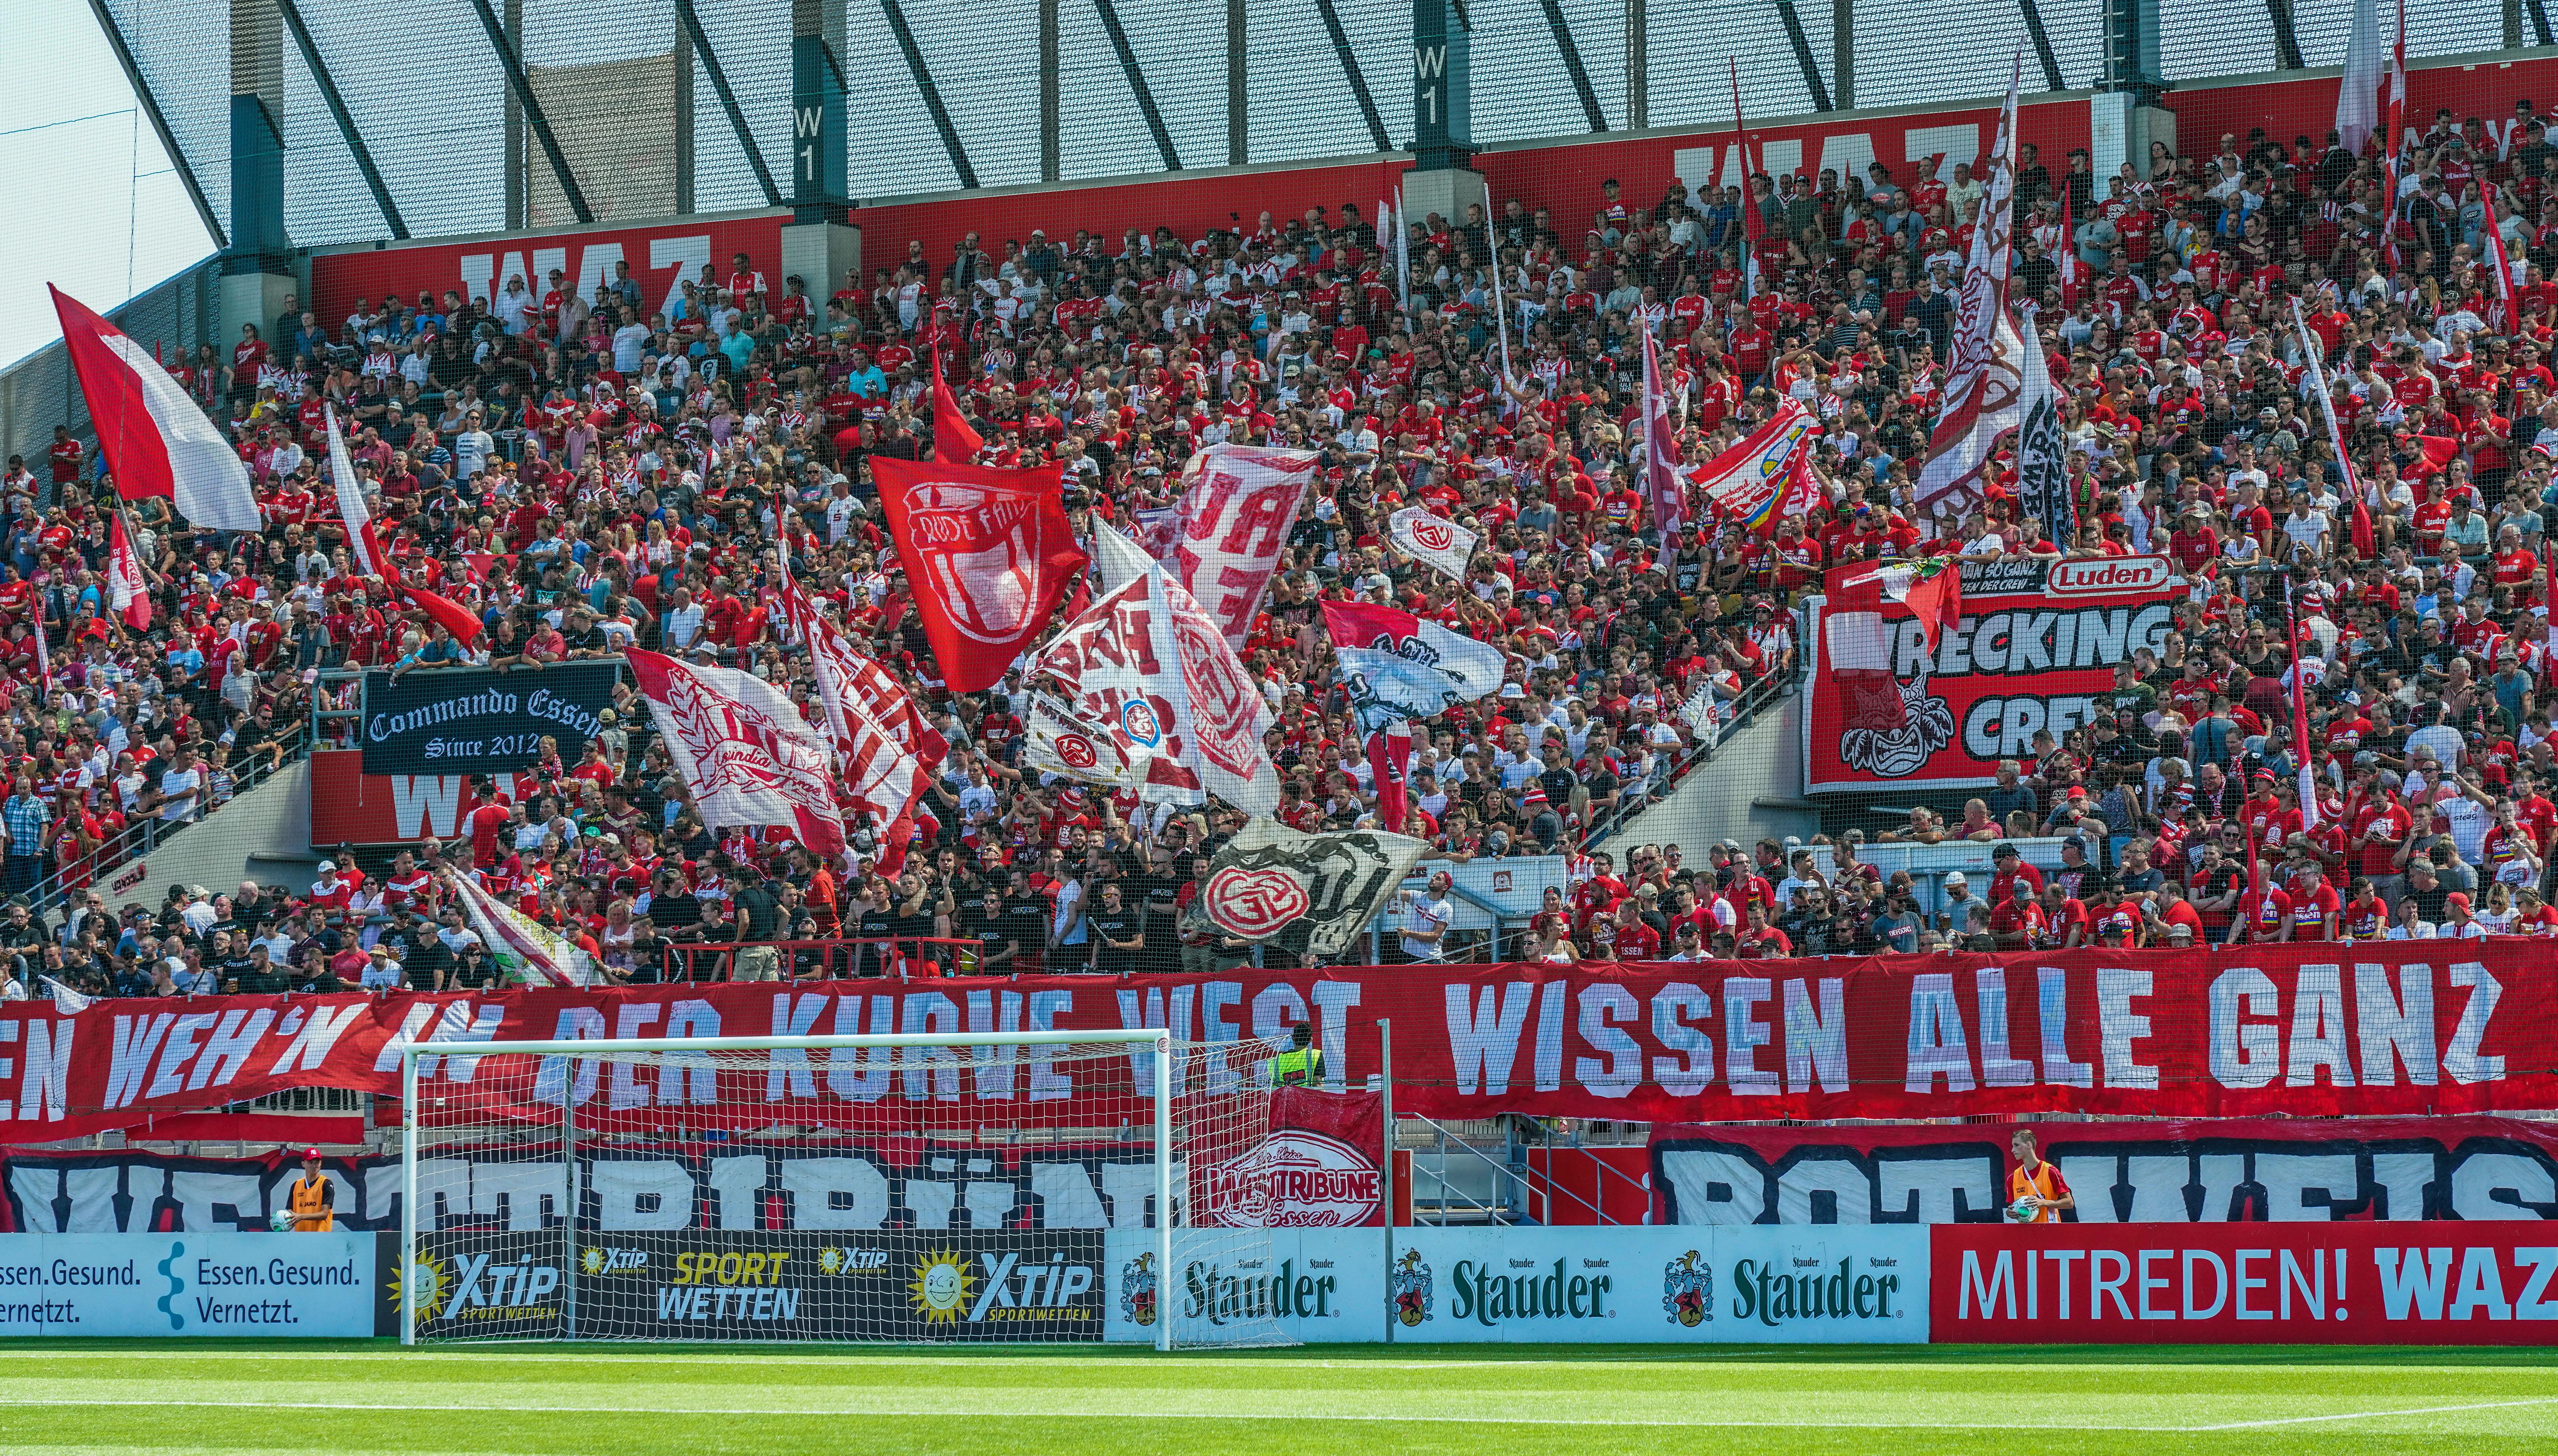 Die RWE-Fans zeichnen sich auch abseits der Spiele ihres Vereins durch ihr besonderes Engagement aus. (Foto: Gohl)